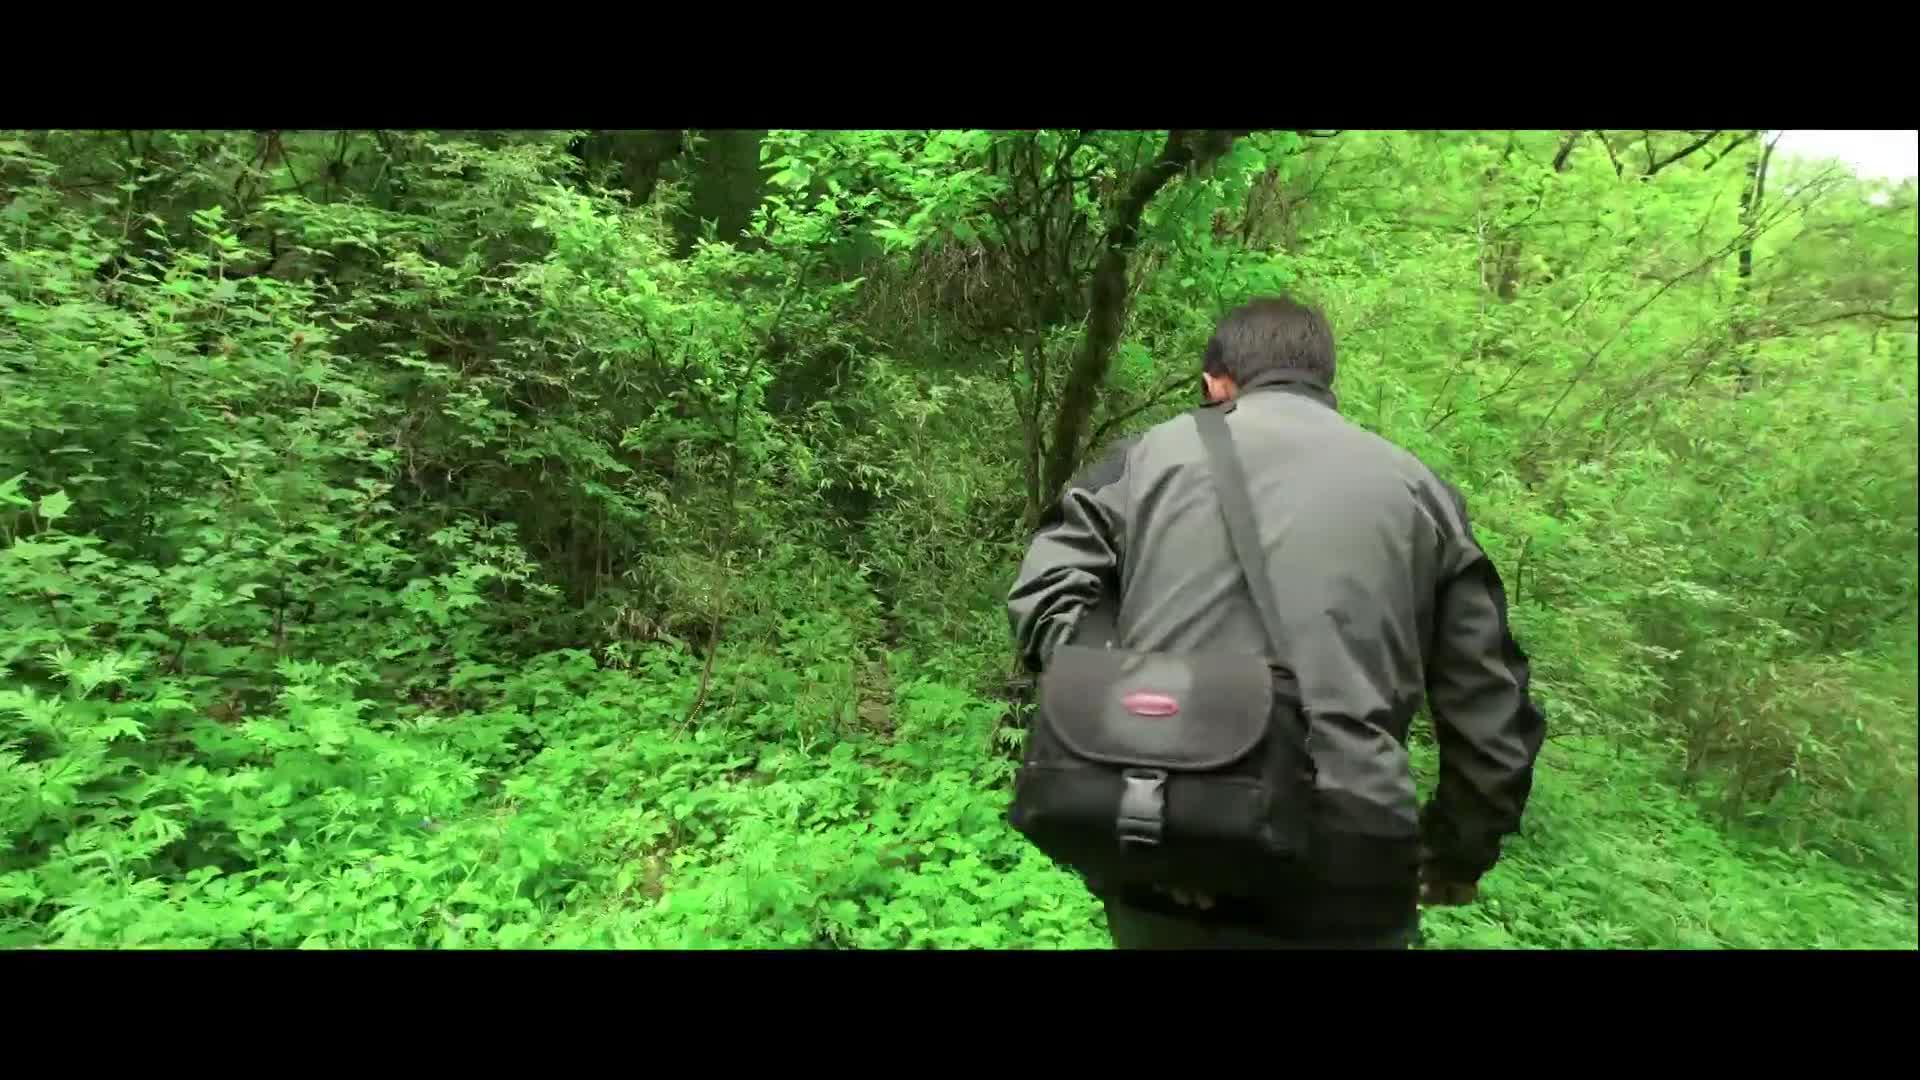 [视频]《宁夏故事》:绿水青山间的独行者